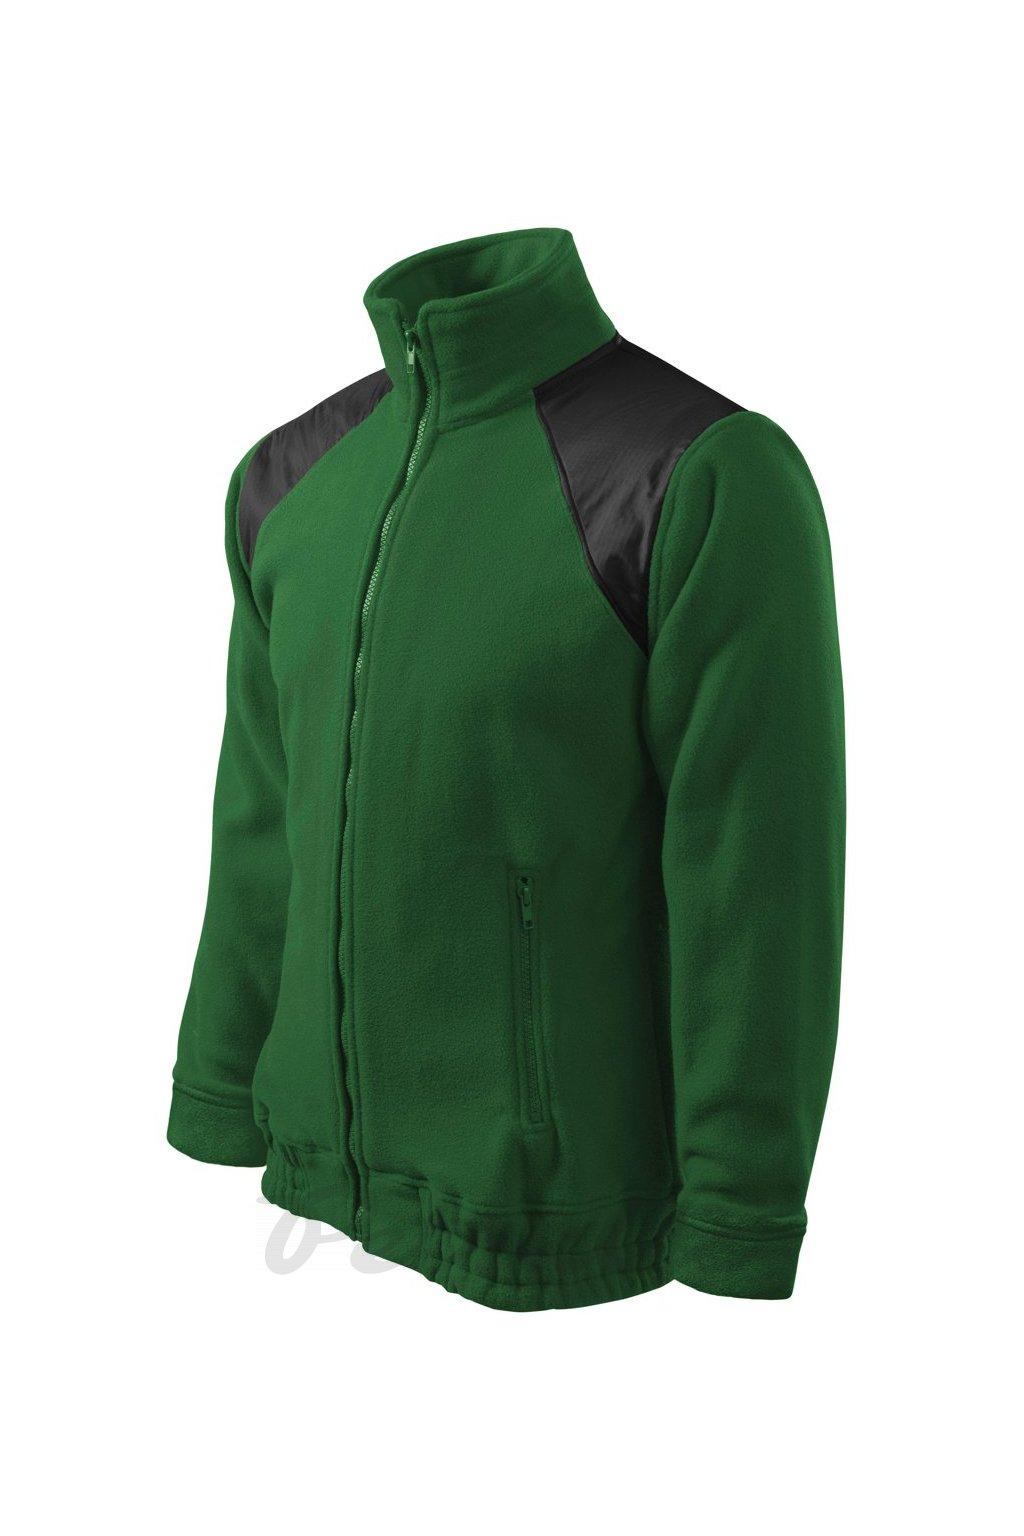 Jacket Hi Q 506 lahvově zelená